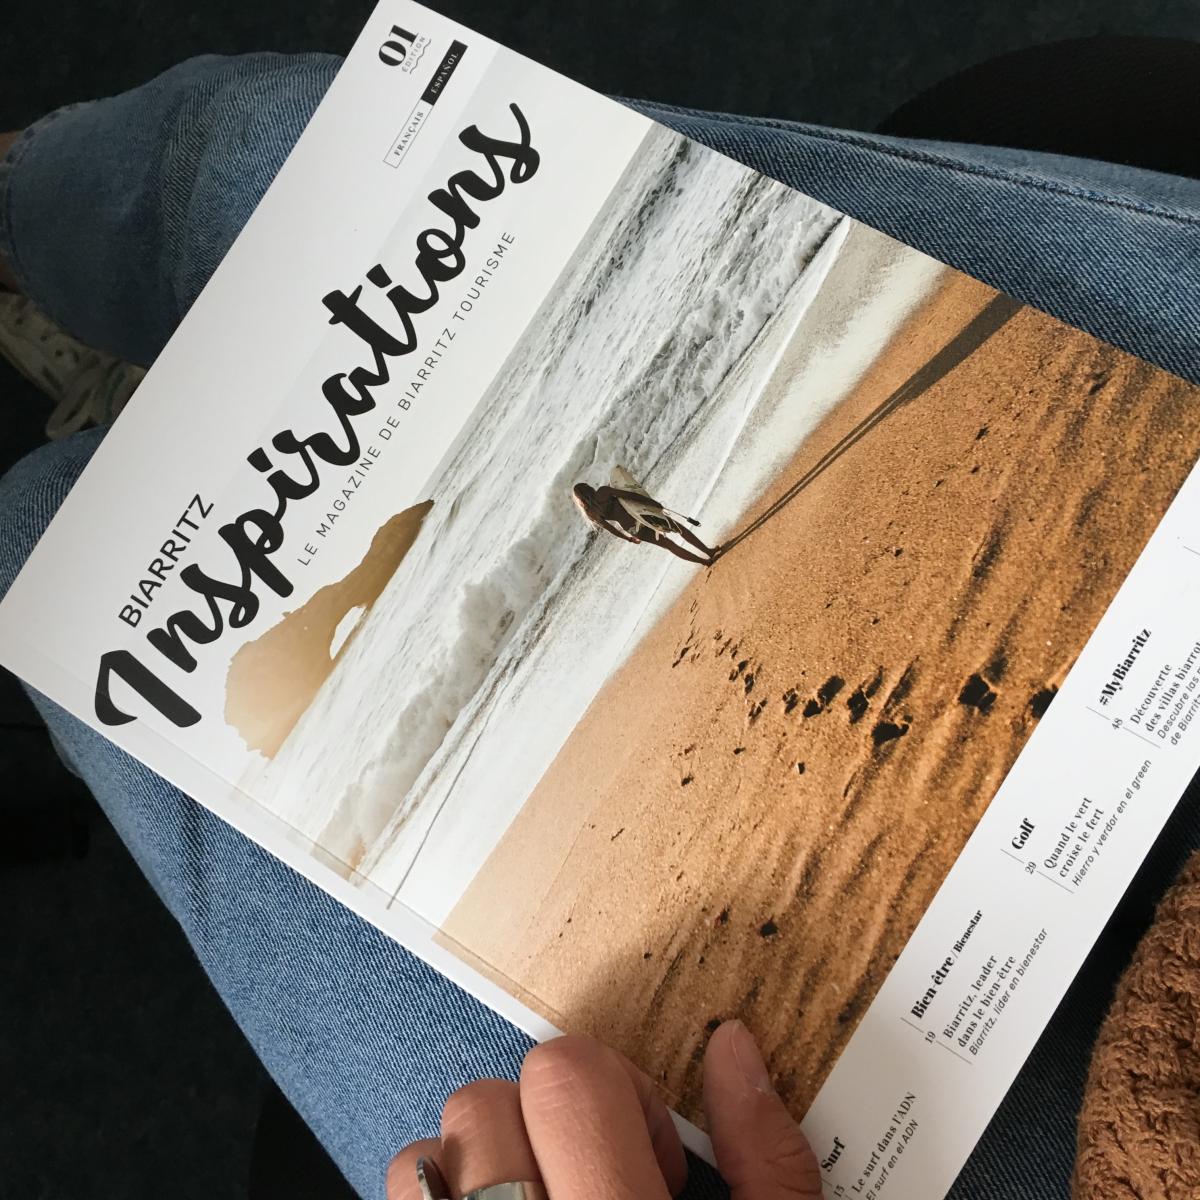 Trophées de la Communication : le magazine « Biarritz Inspirations », premier prix !